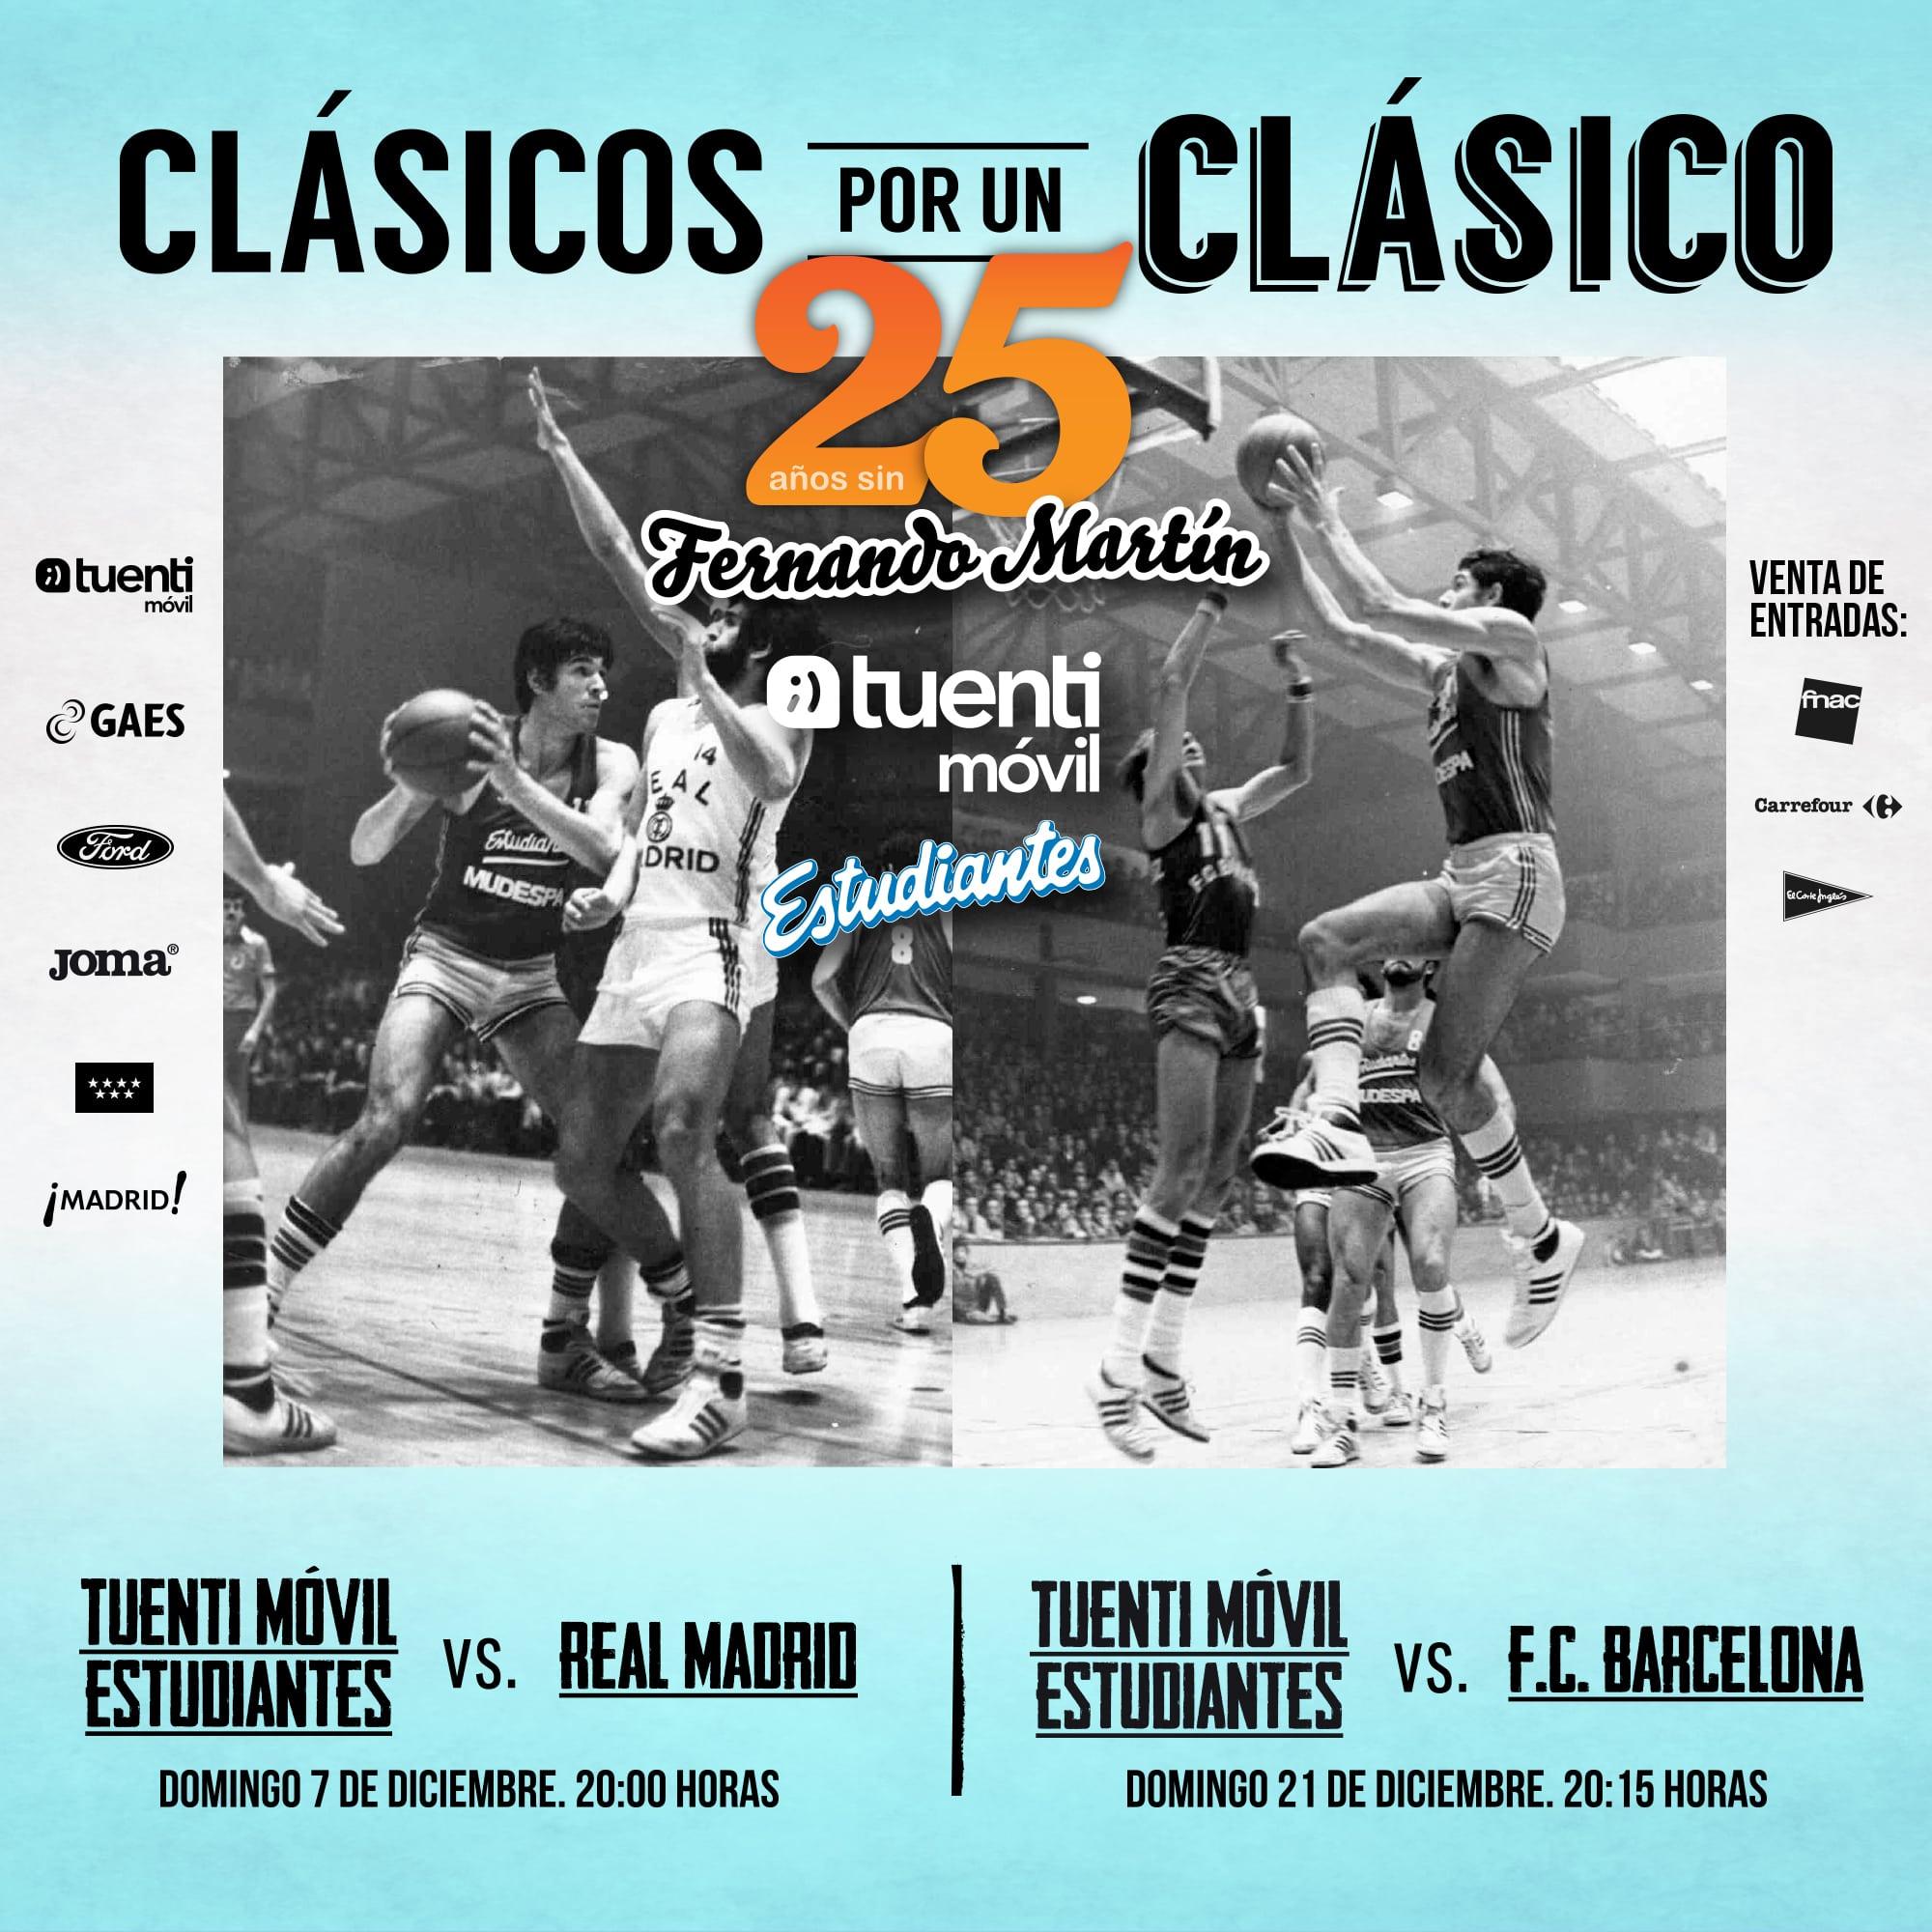 Entradas Tuenti Móvil Estudiantes- Real Madrid. Domingo 7 de diciembre 20:00h